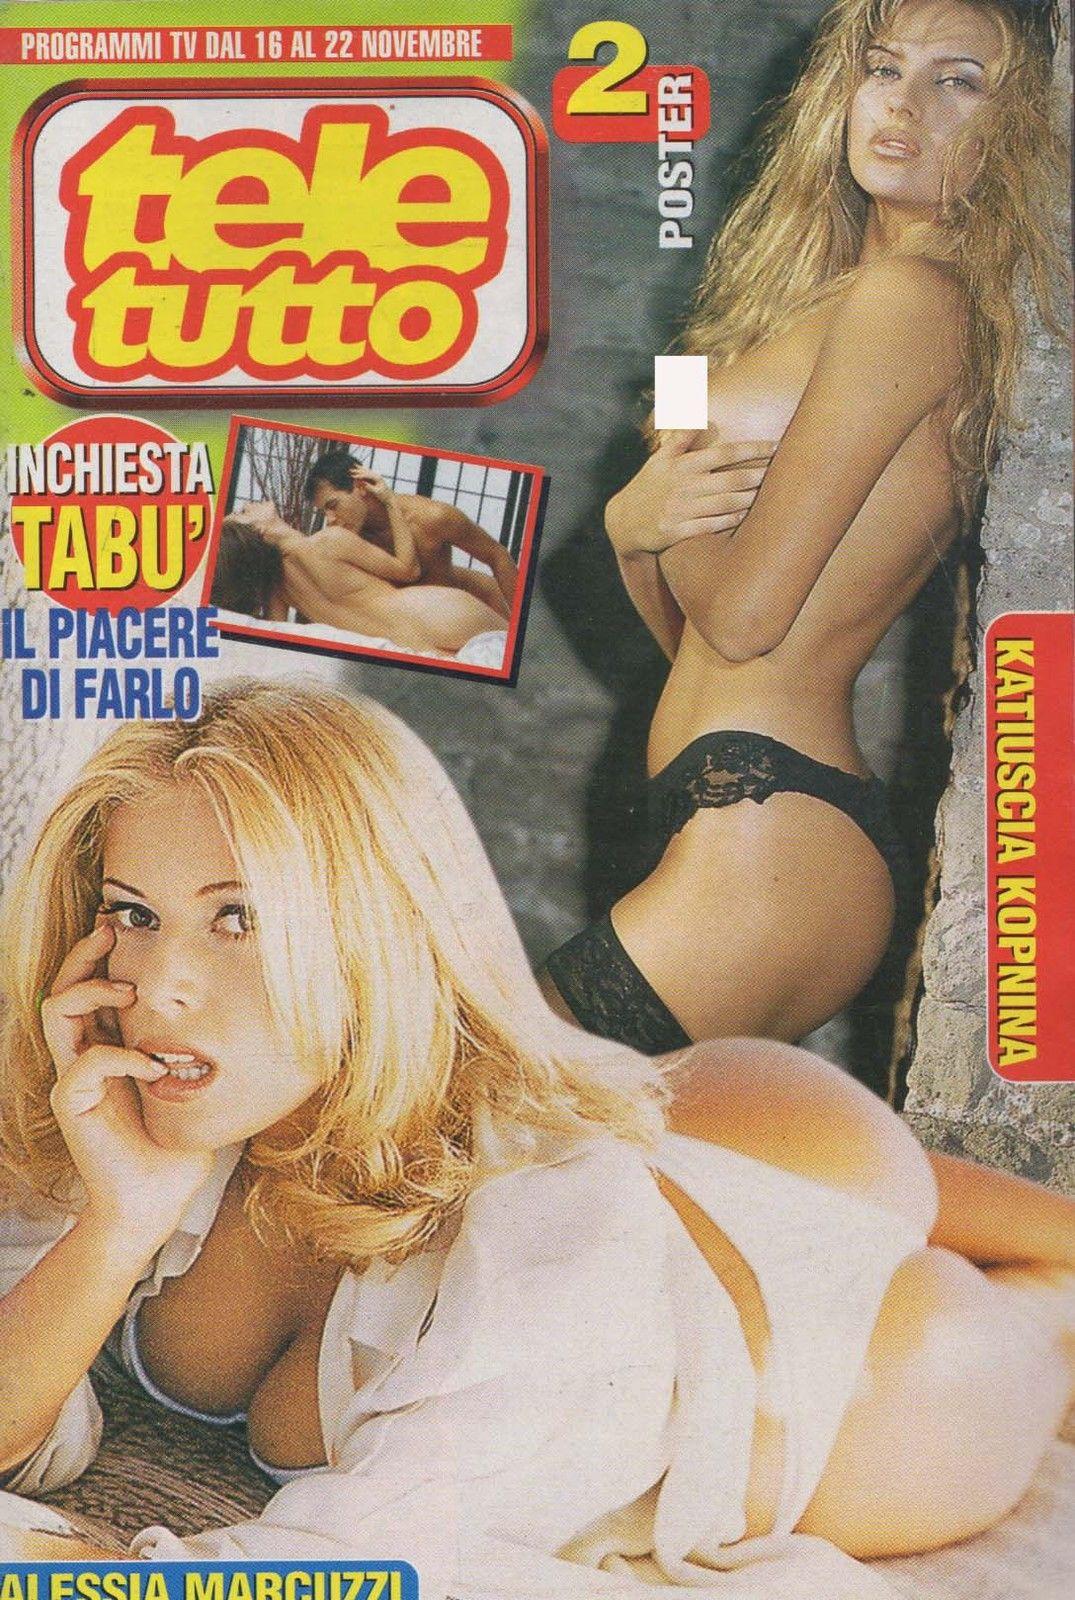 Эротические журналы 18 в россии 7 фотография